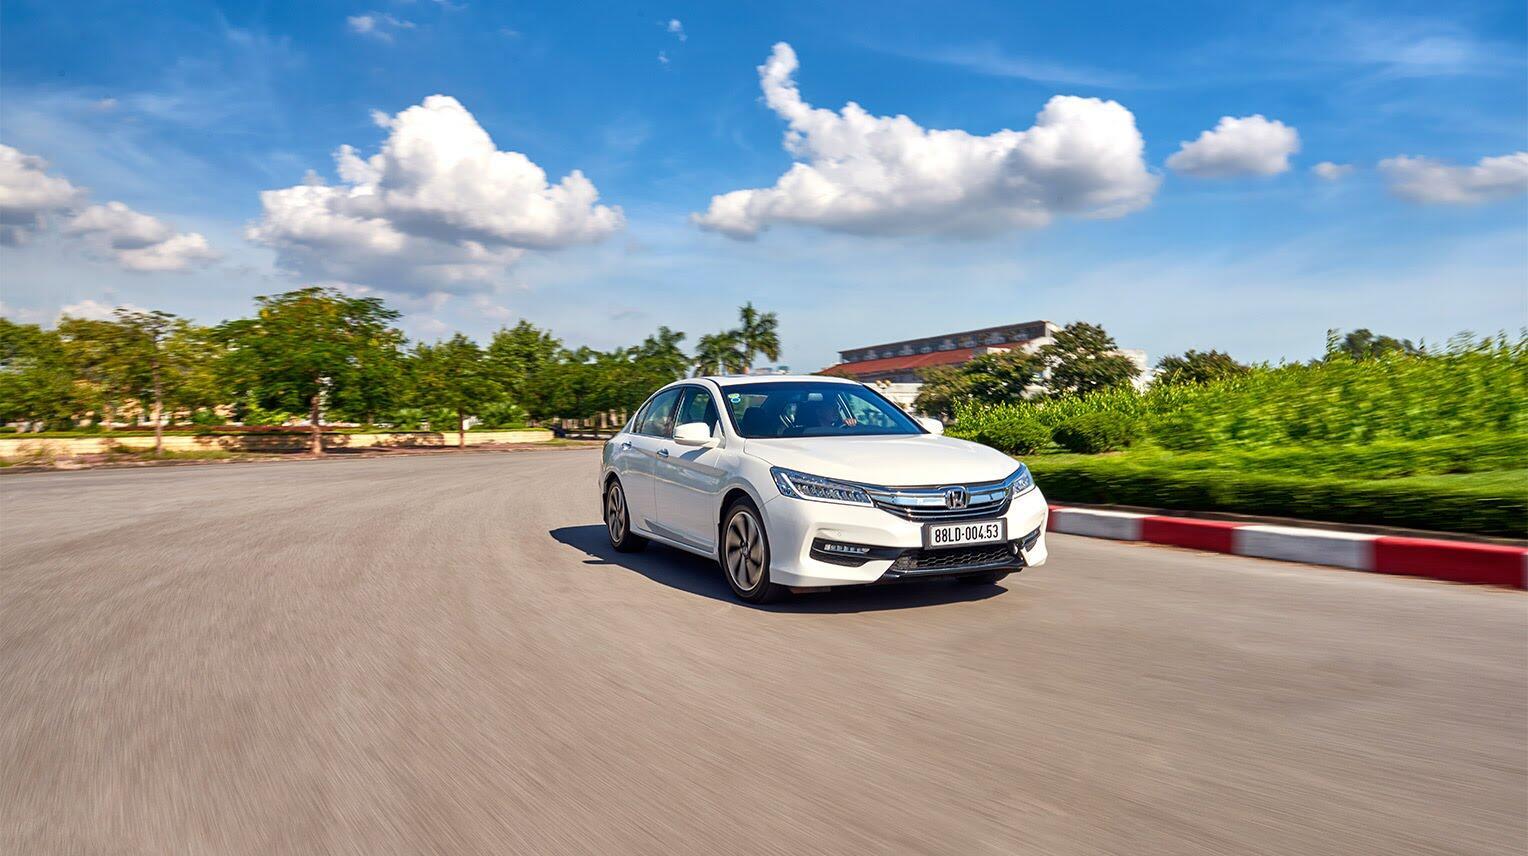 Đánh giá Honda Accord 2016: Ưa nhìn hơn, trang bị tốt hơn và lái phấn khích hơn - Hình 32